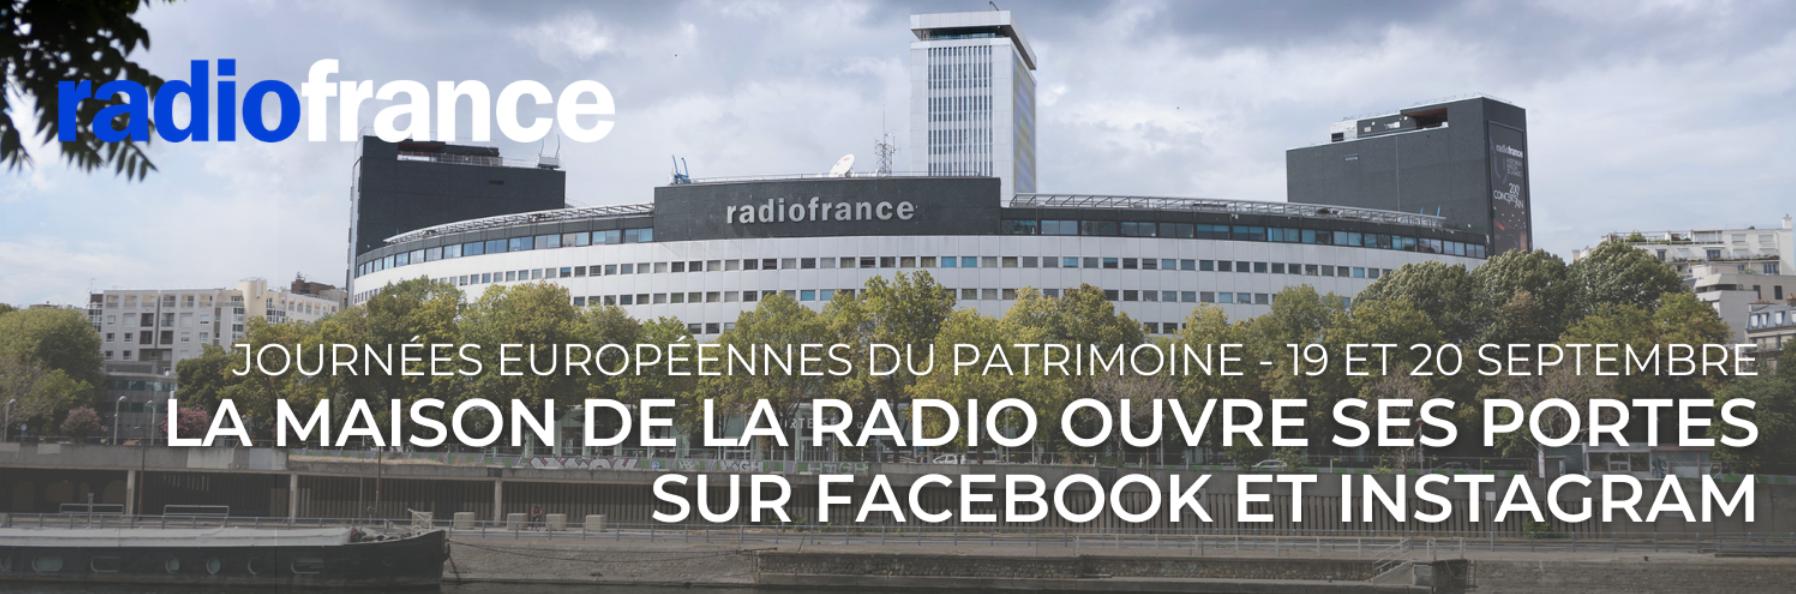 La Maison de la radio ouvre ses portes sur Facebook et Instagram